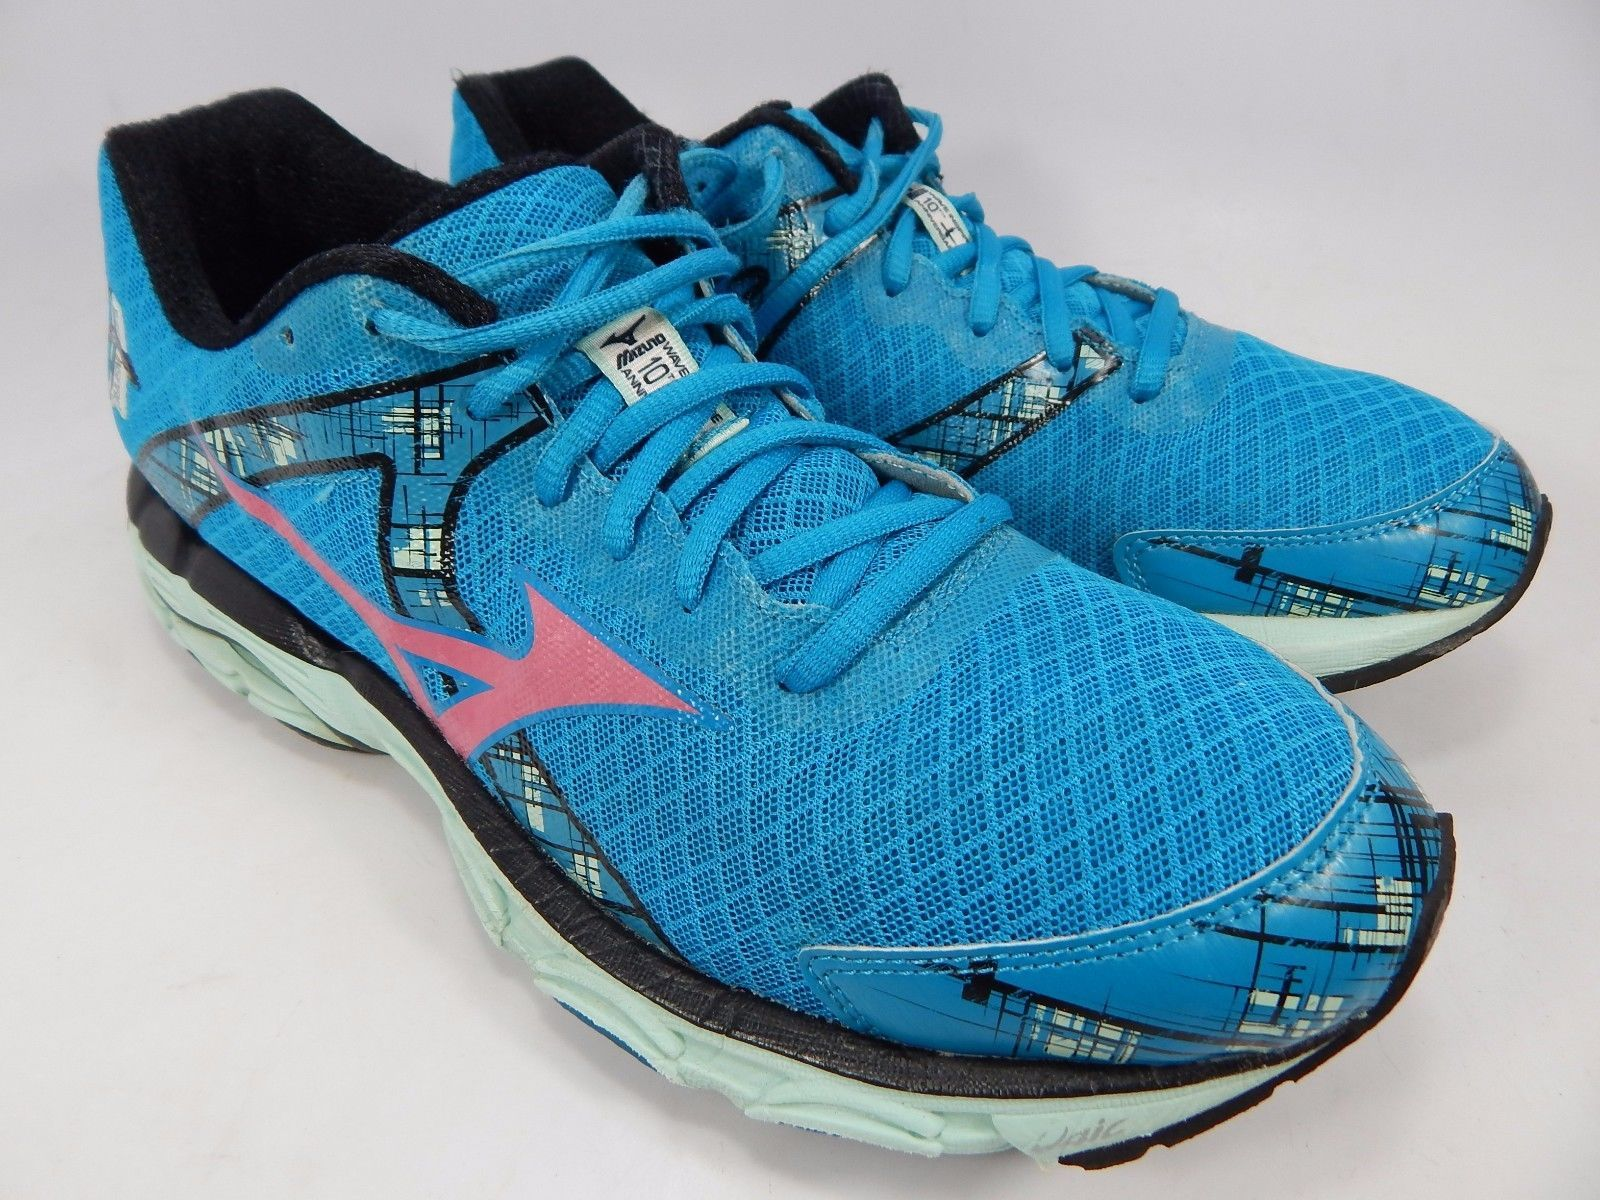 Mizuno Wave Inspire 10 Women's Running Shoes Size US 10 M (B) EU 41 Aqua Blue